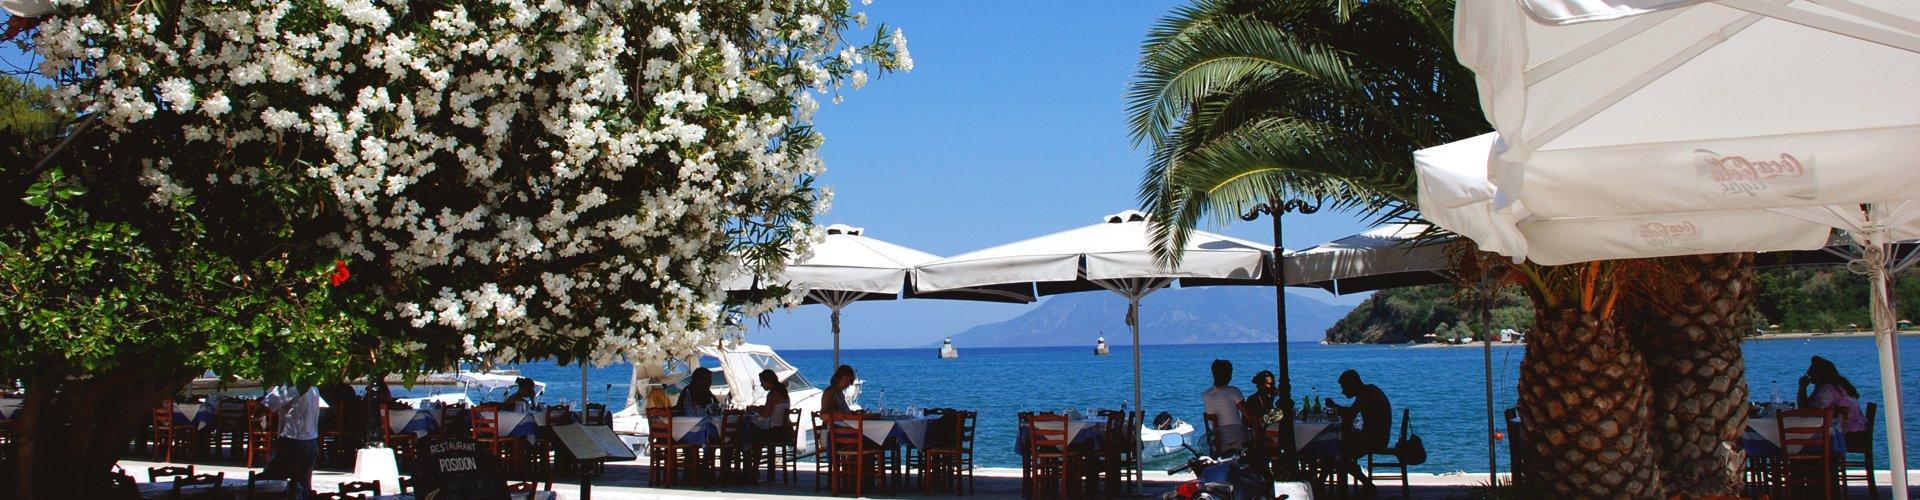 Grieks terras op de Peloponnesos, Griekenland